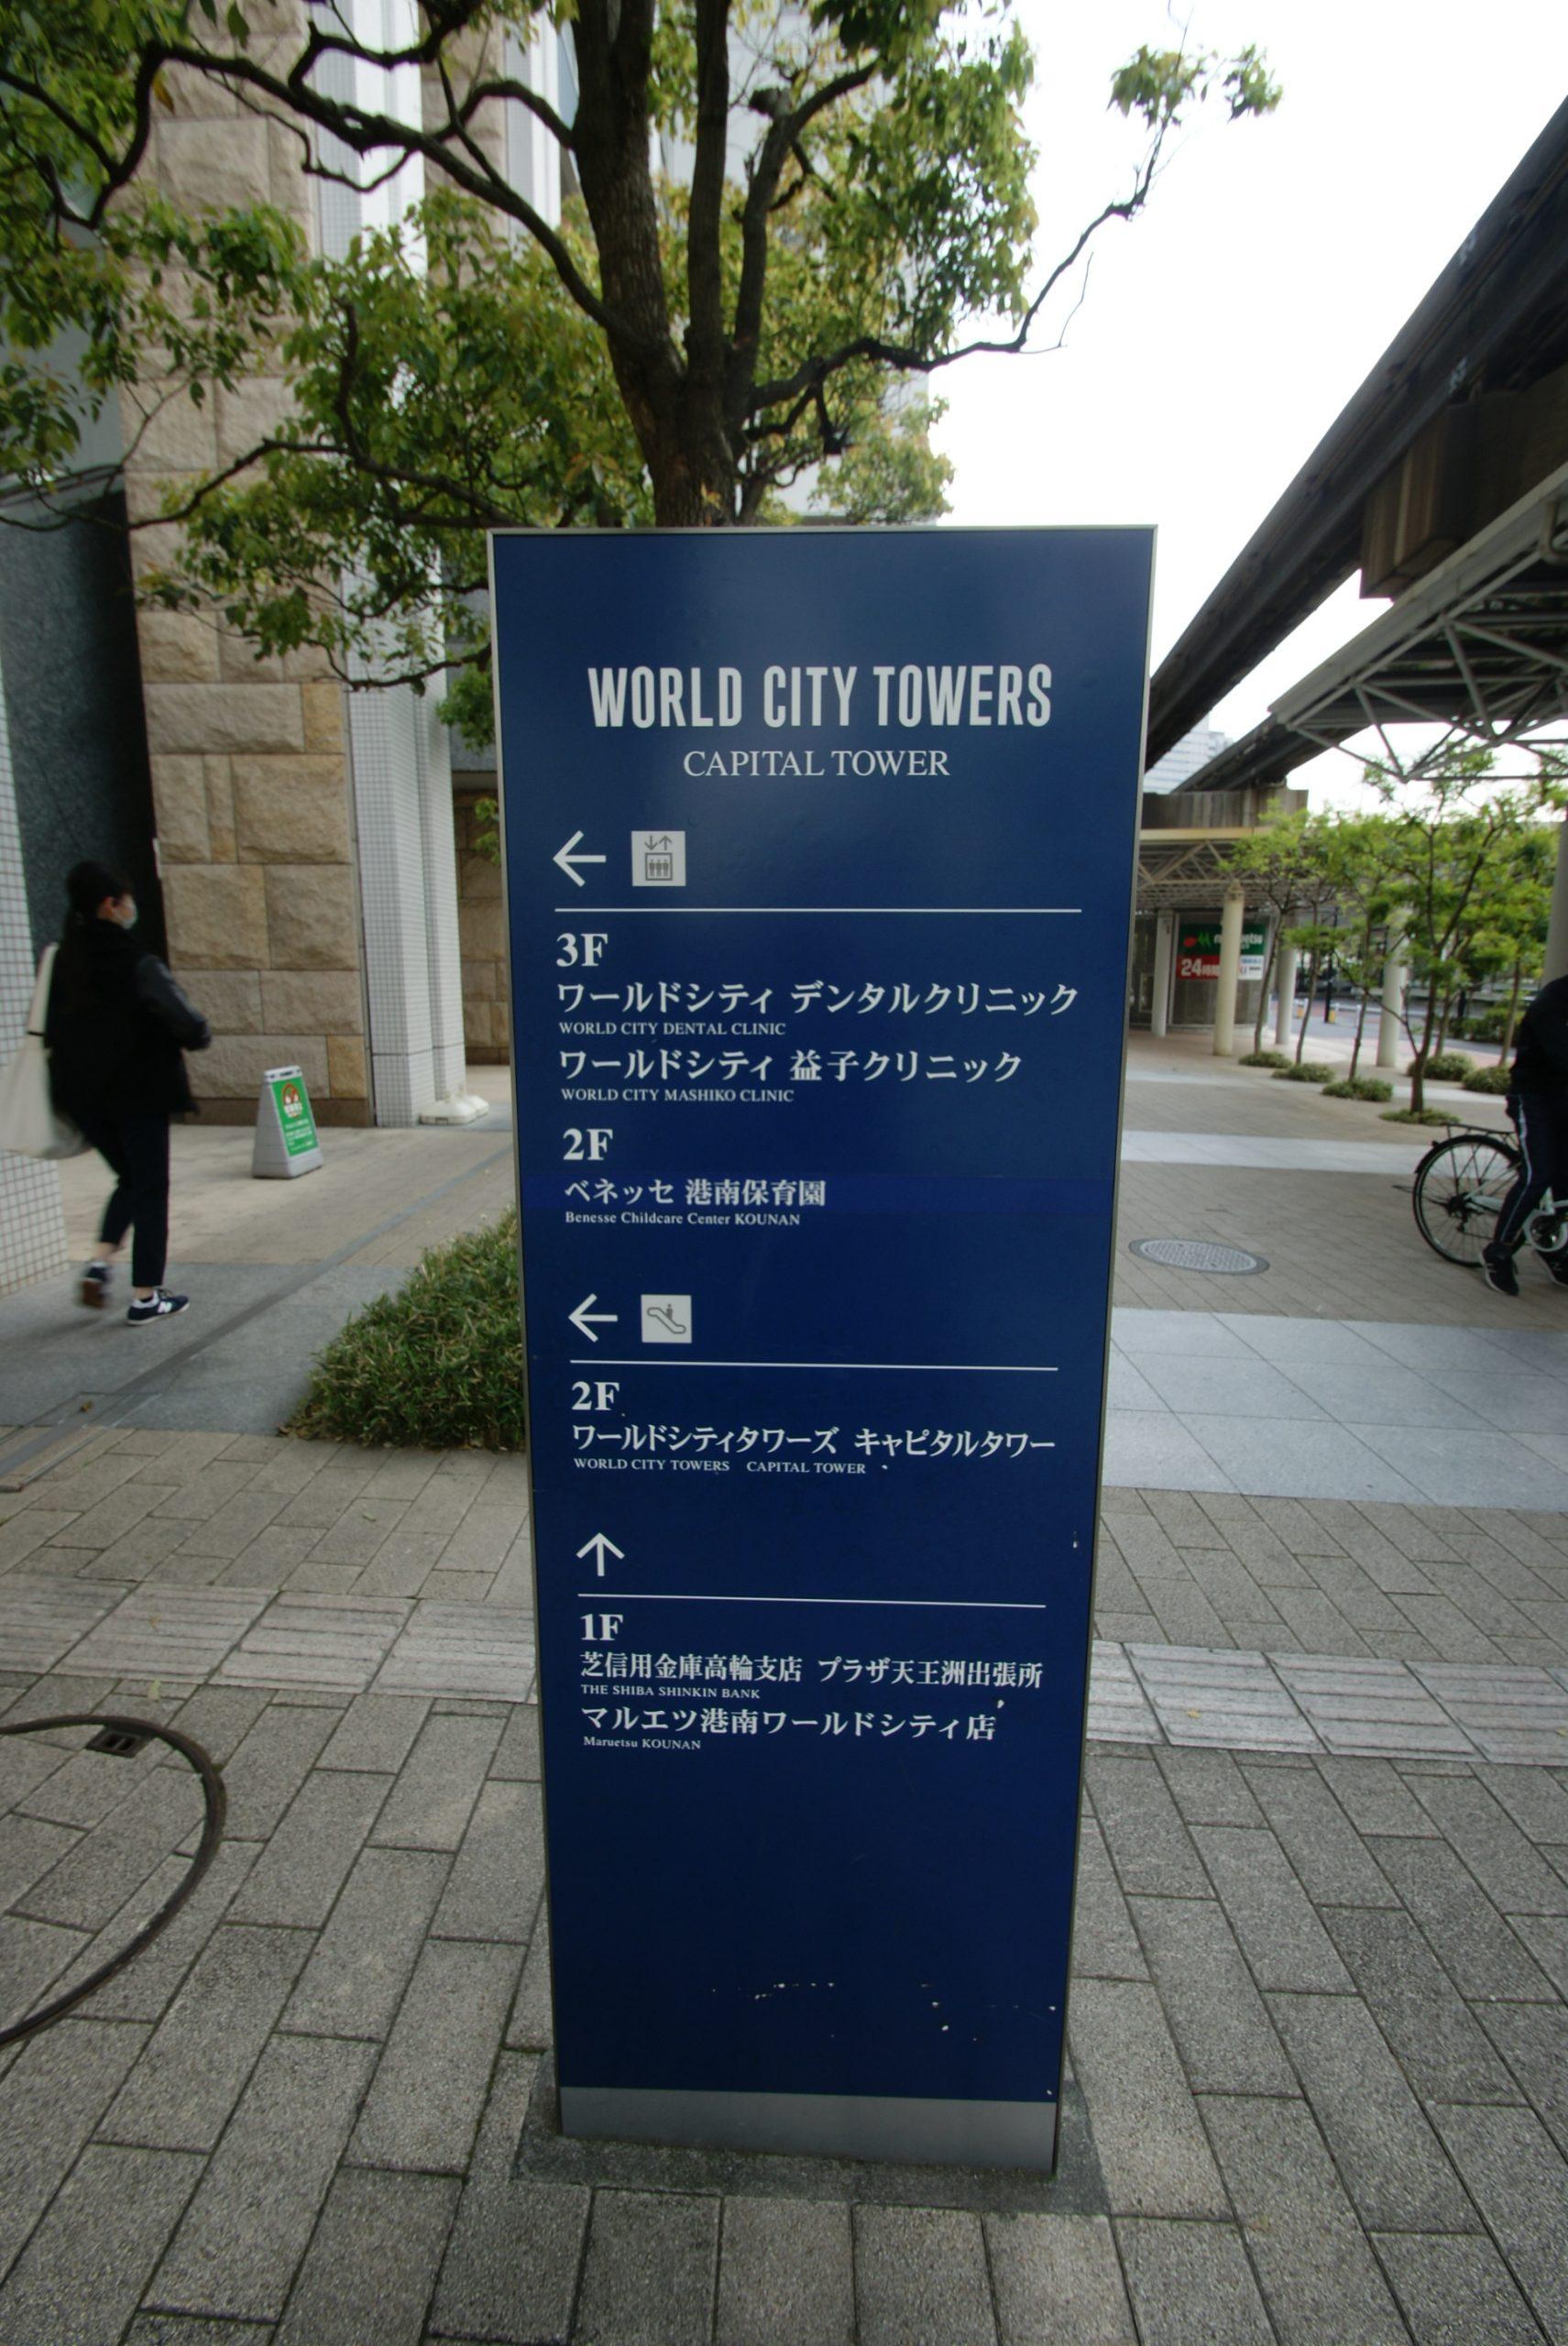 ワールドシティタワーズ の写真5